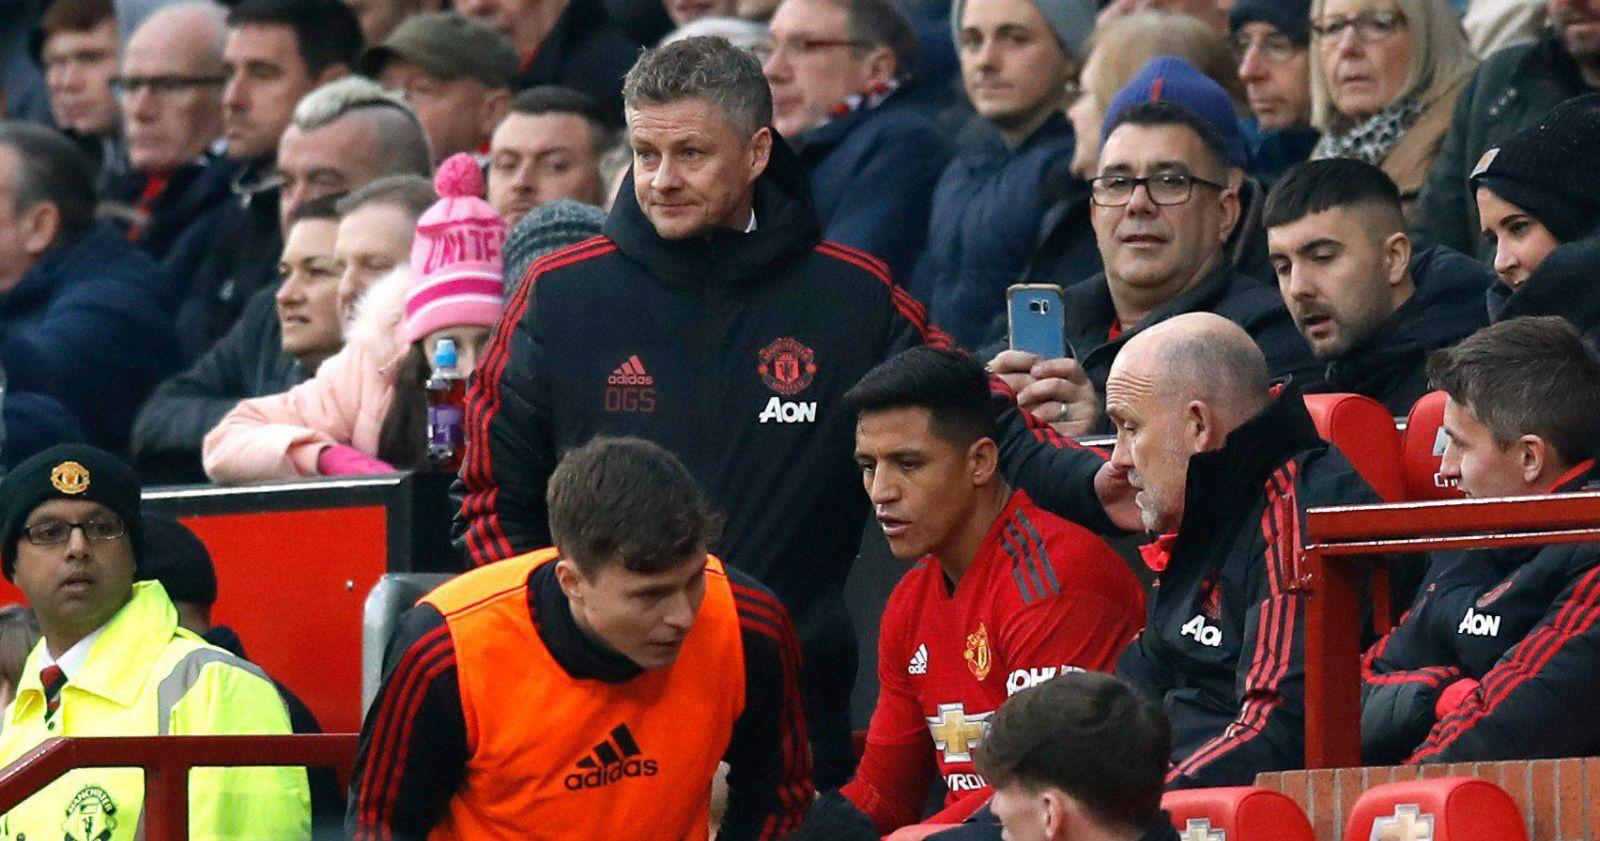 En Inglaterra aseguran que Alexis Sánchez está fuera de los planes de Solskjaer para el United